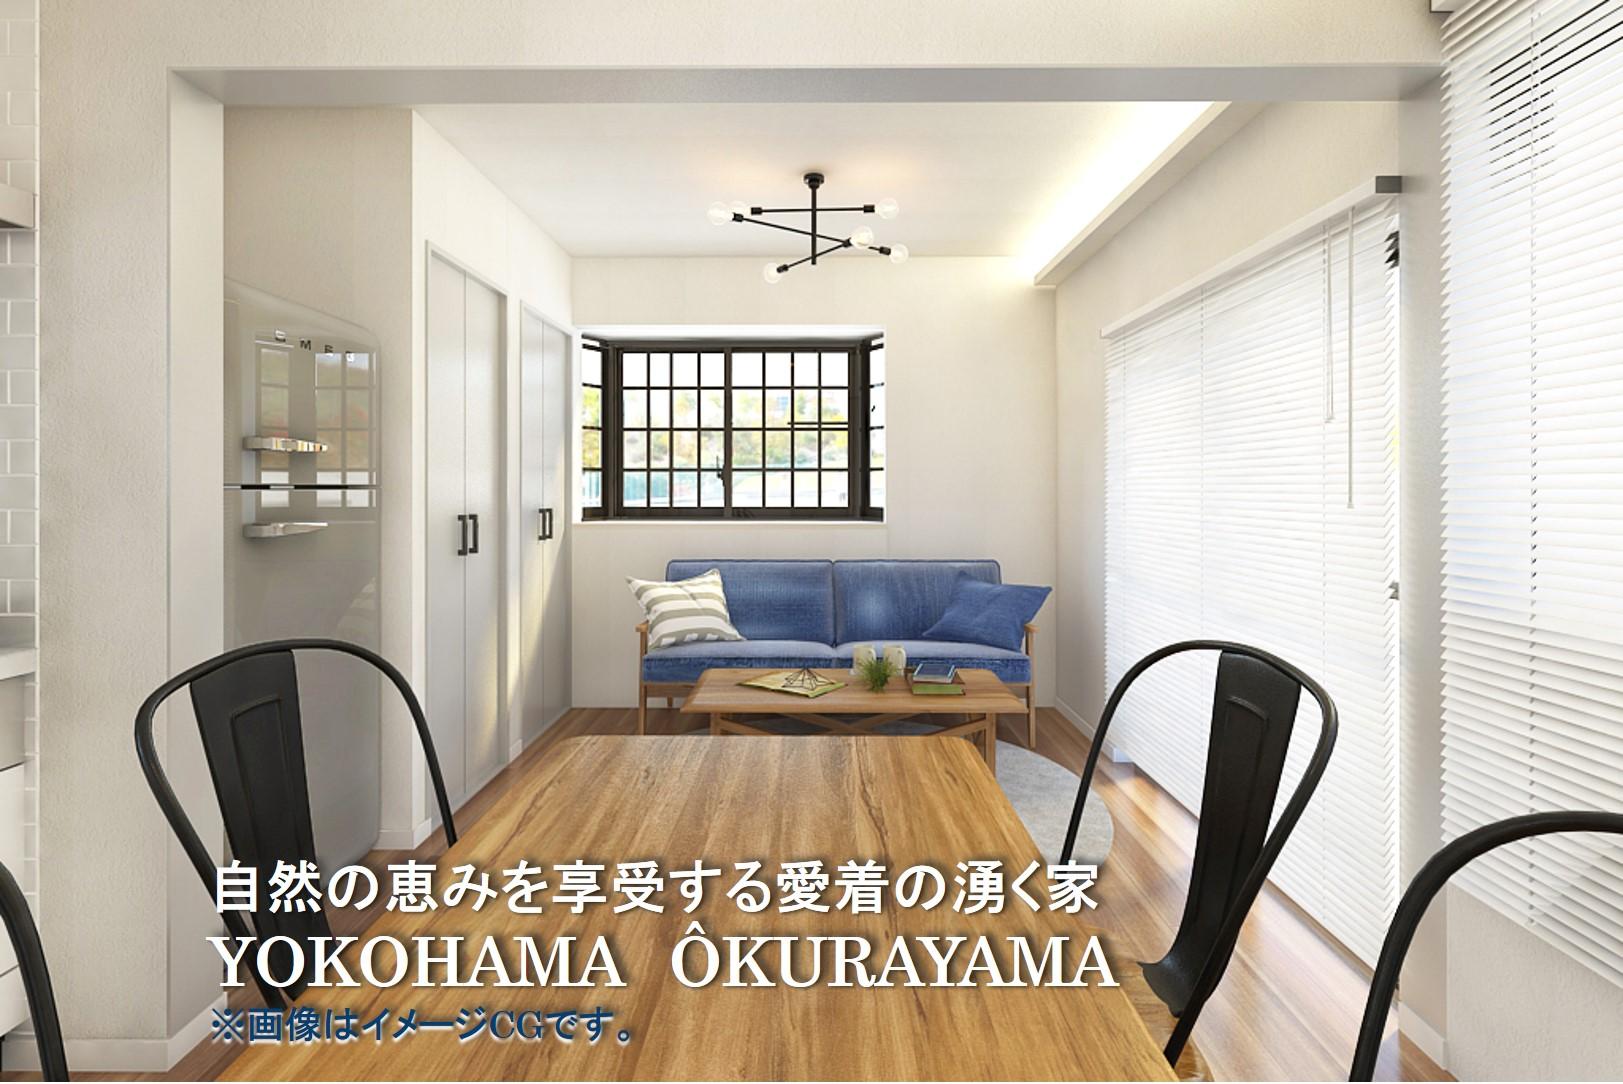 自然の恵みを享受する愛着の湧く家|YOKOHAMA ÔKURAYAMA